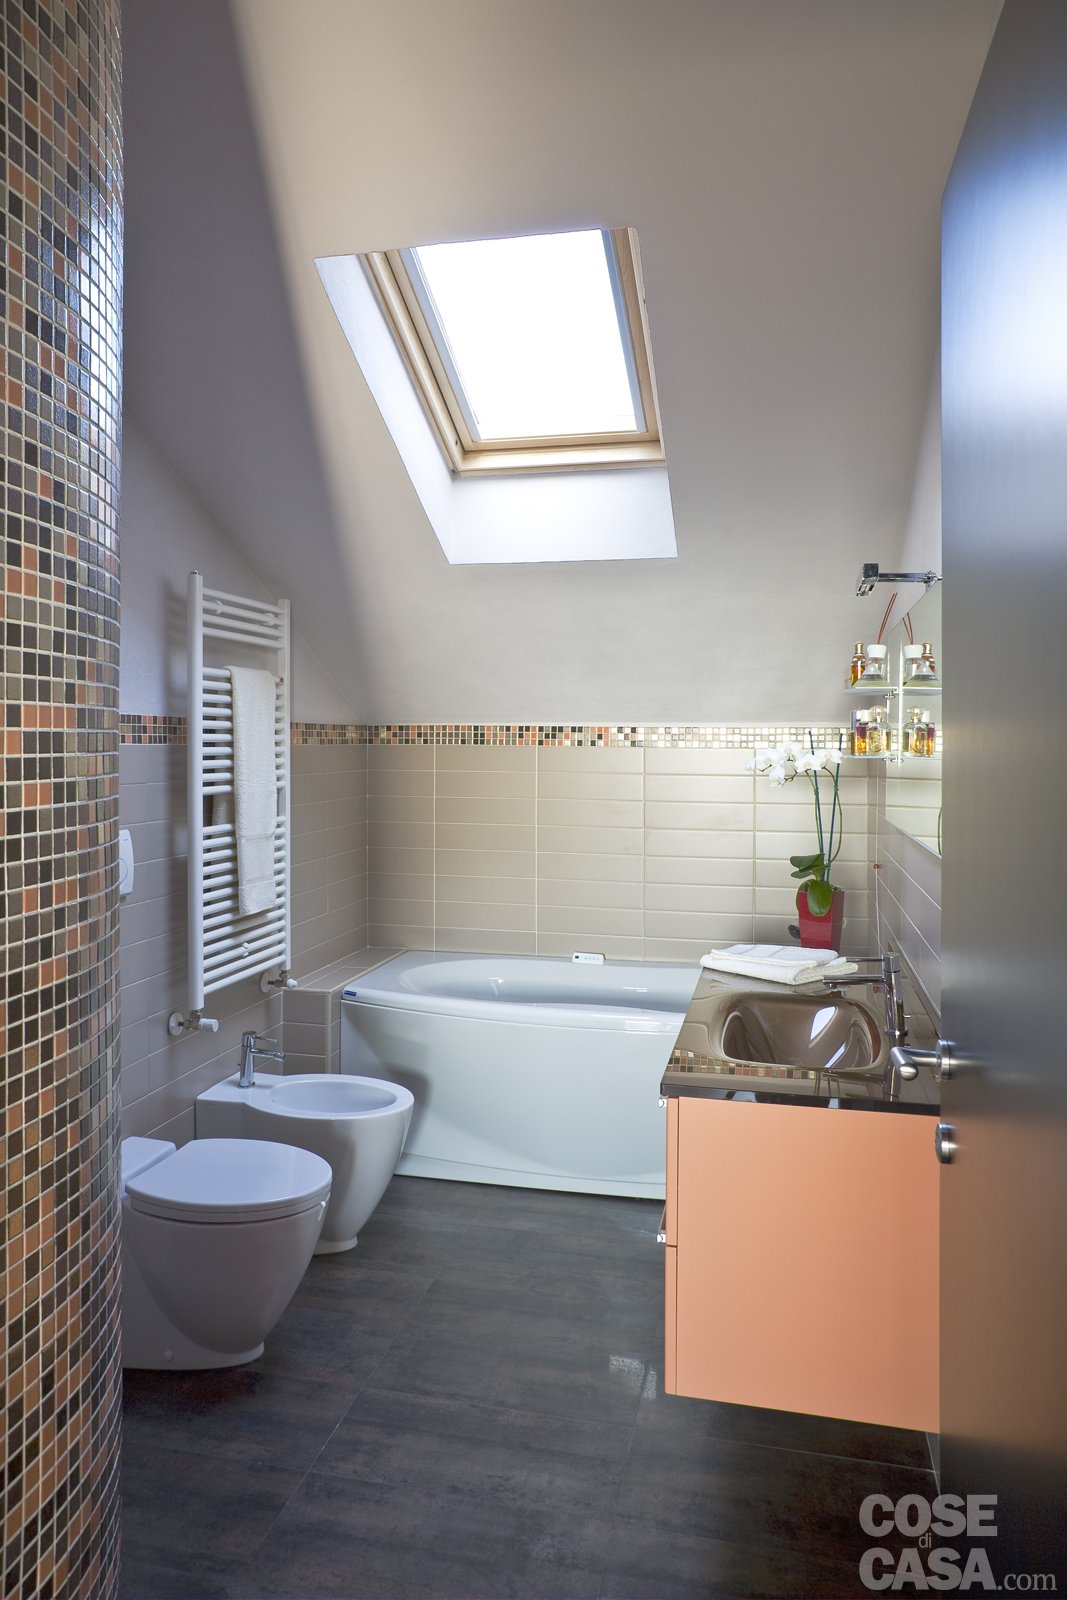 Casa in mansarda con le soluzioni giuste per gli spazi for Bagni interni case